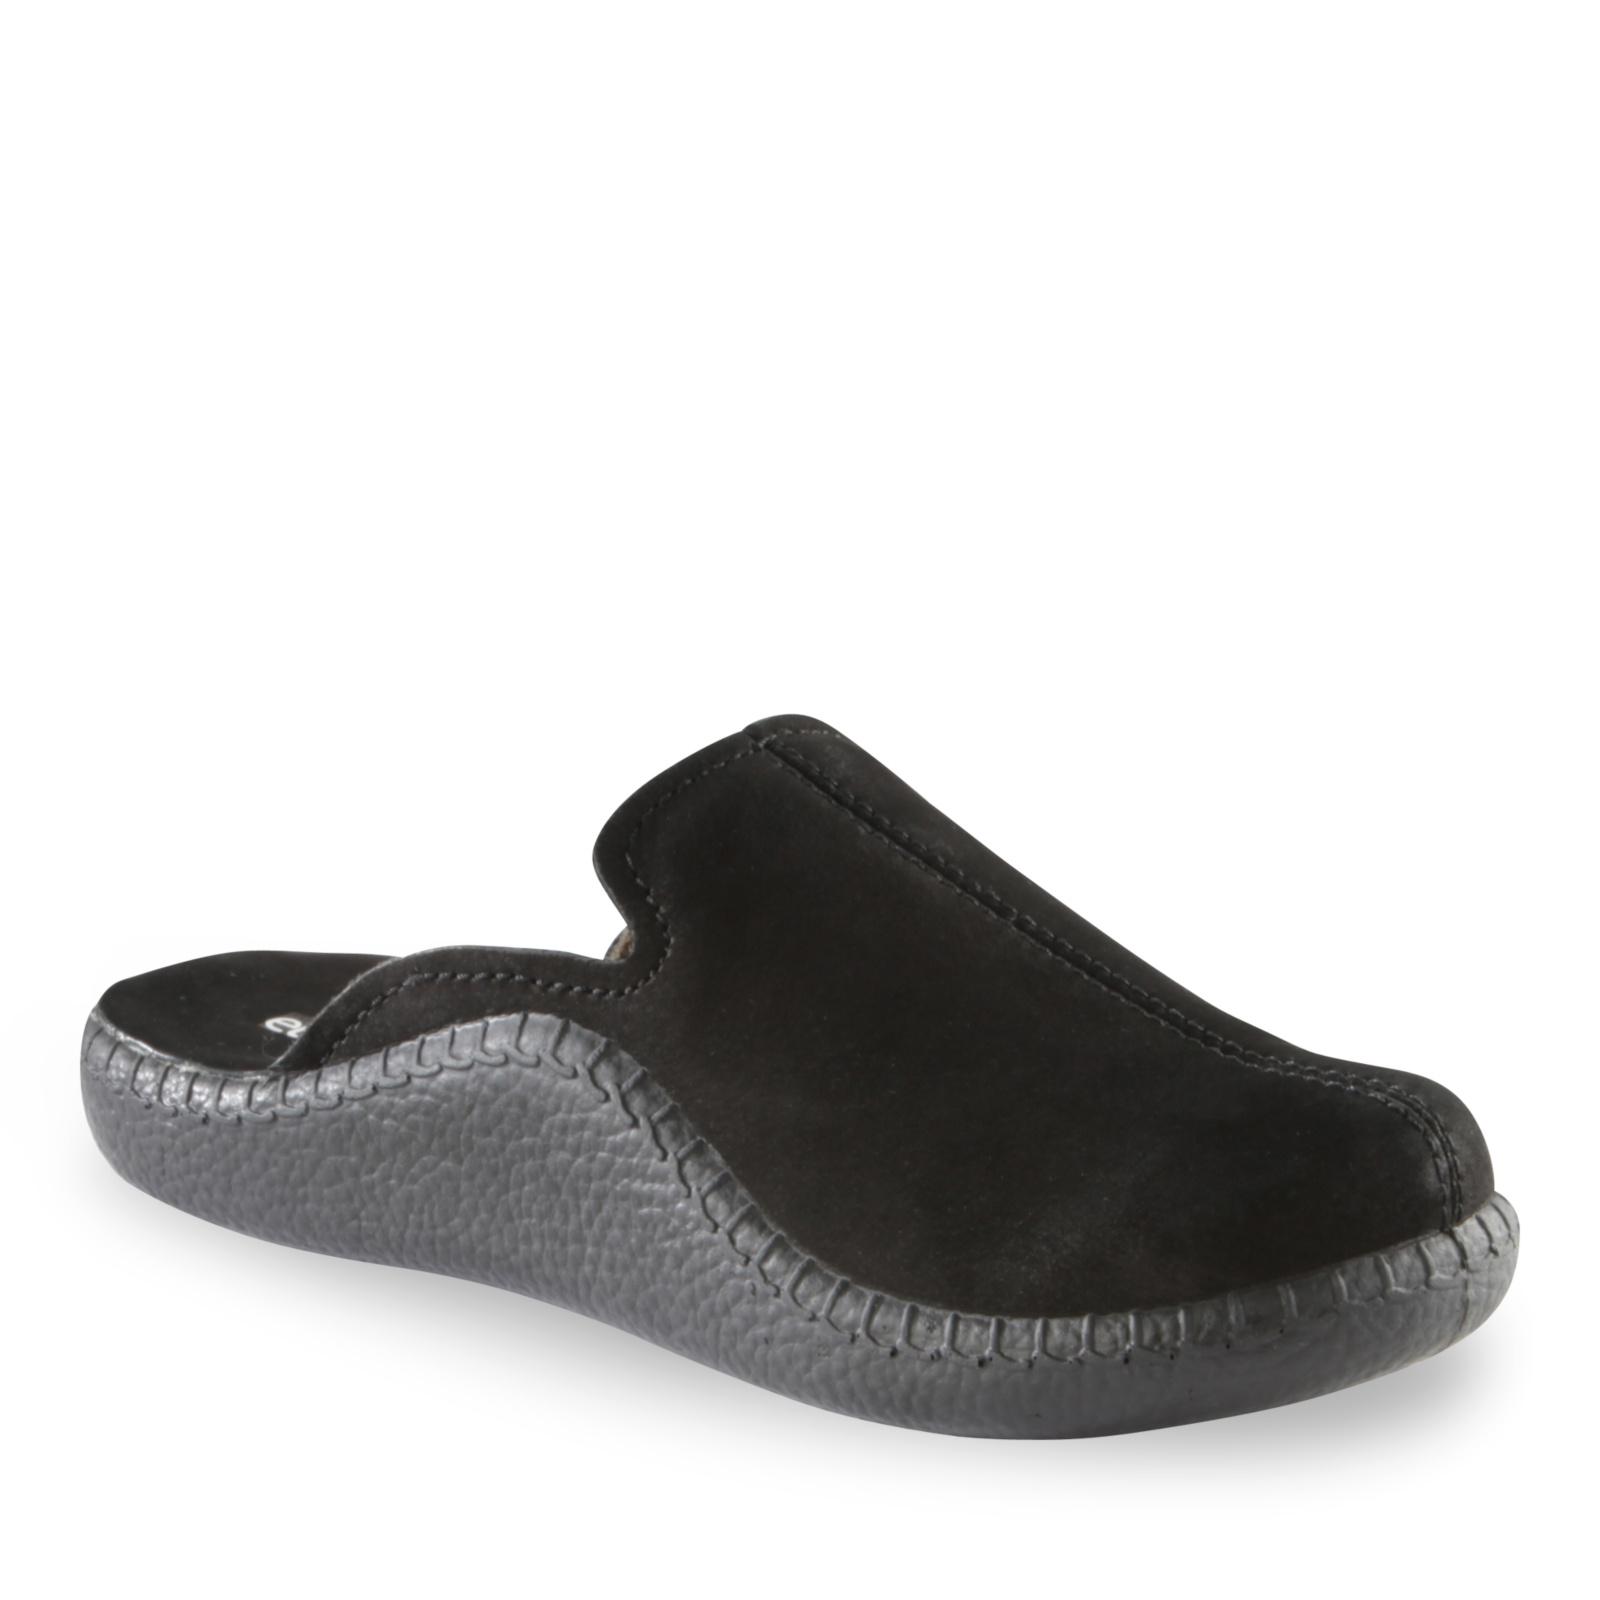 Footsmart Diabetic Shoes For Men